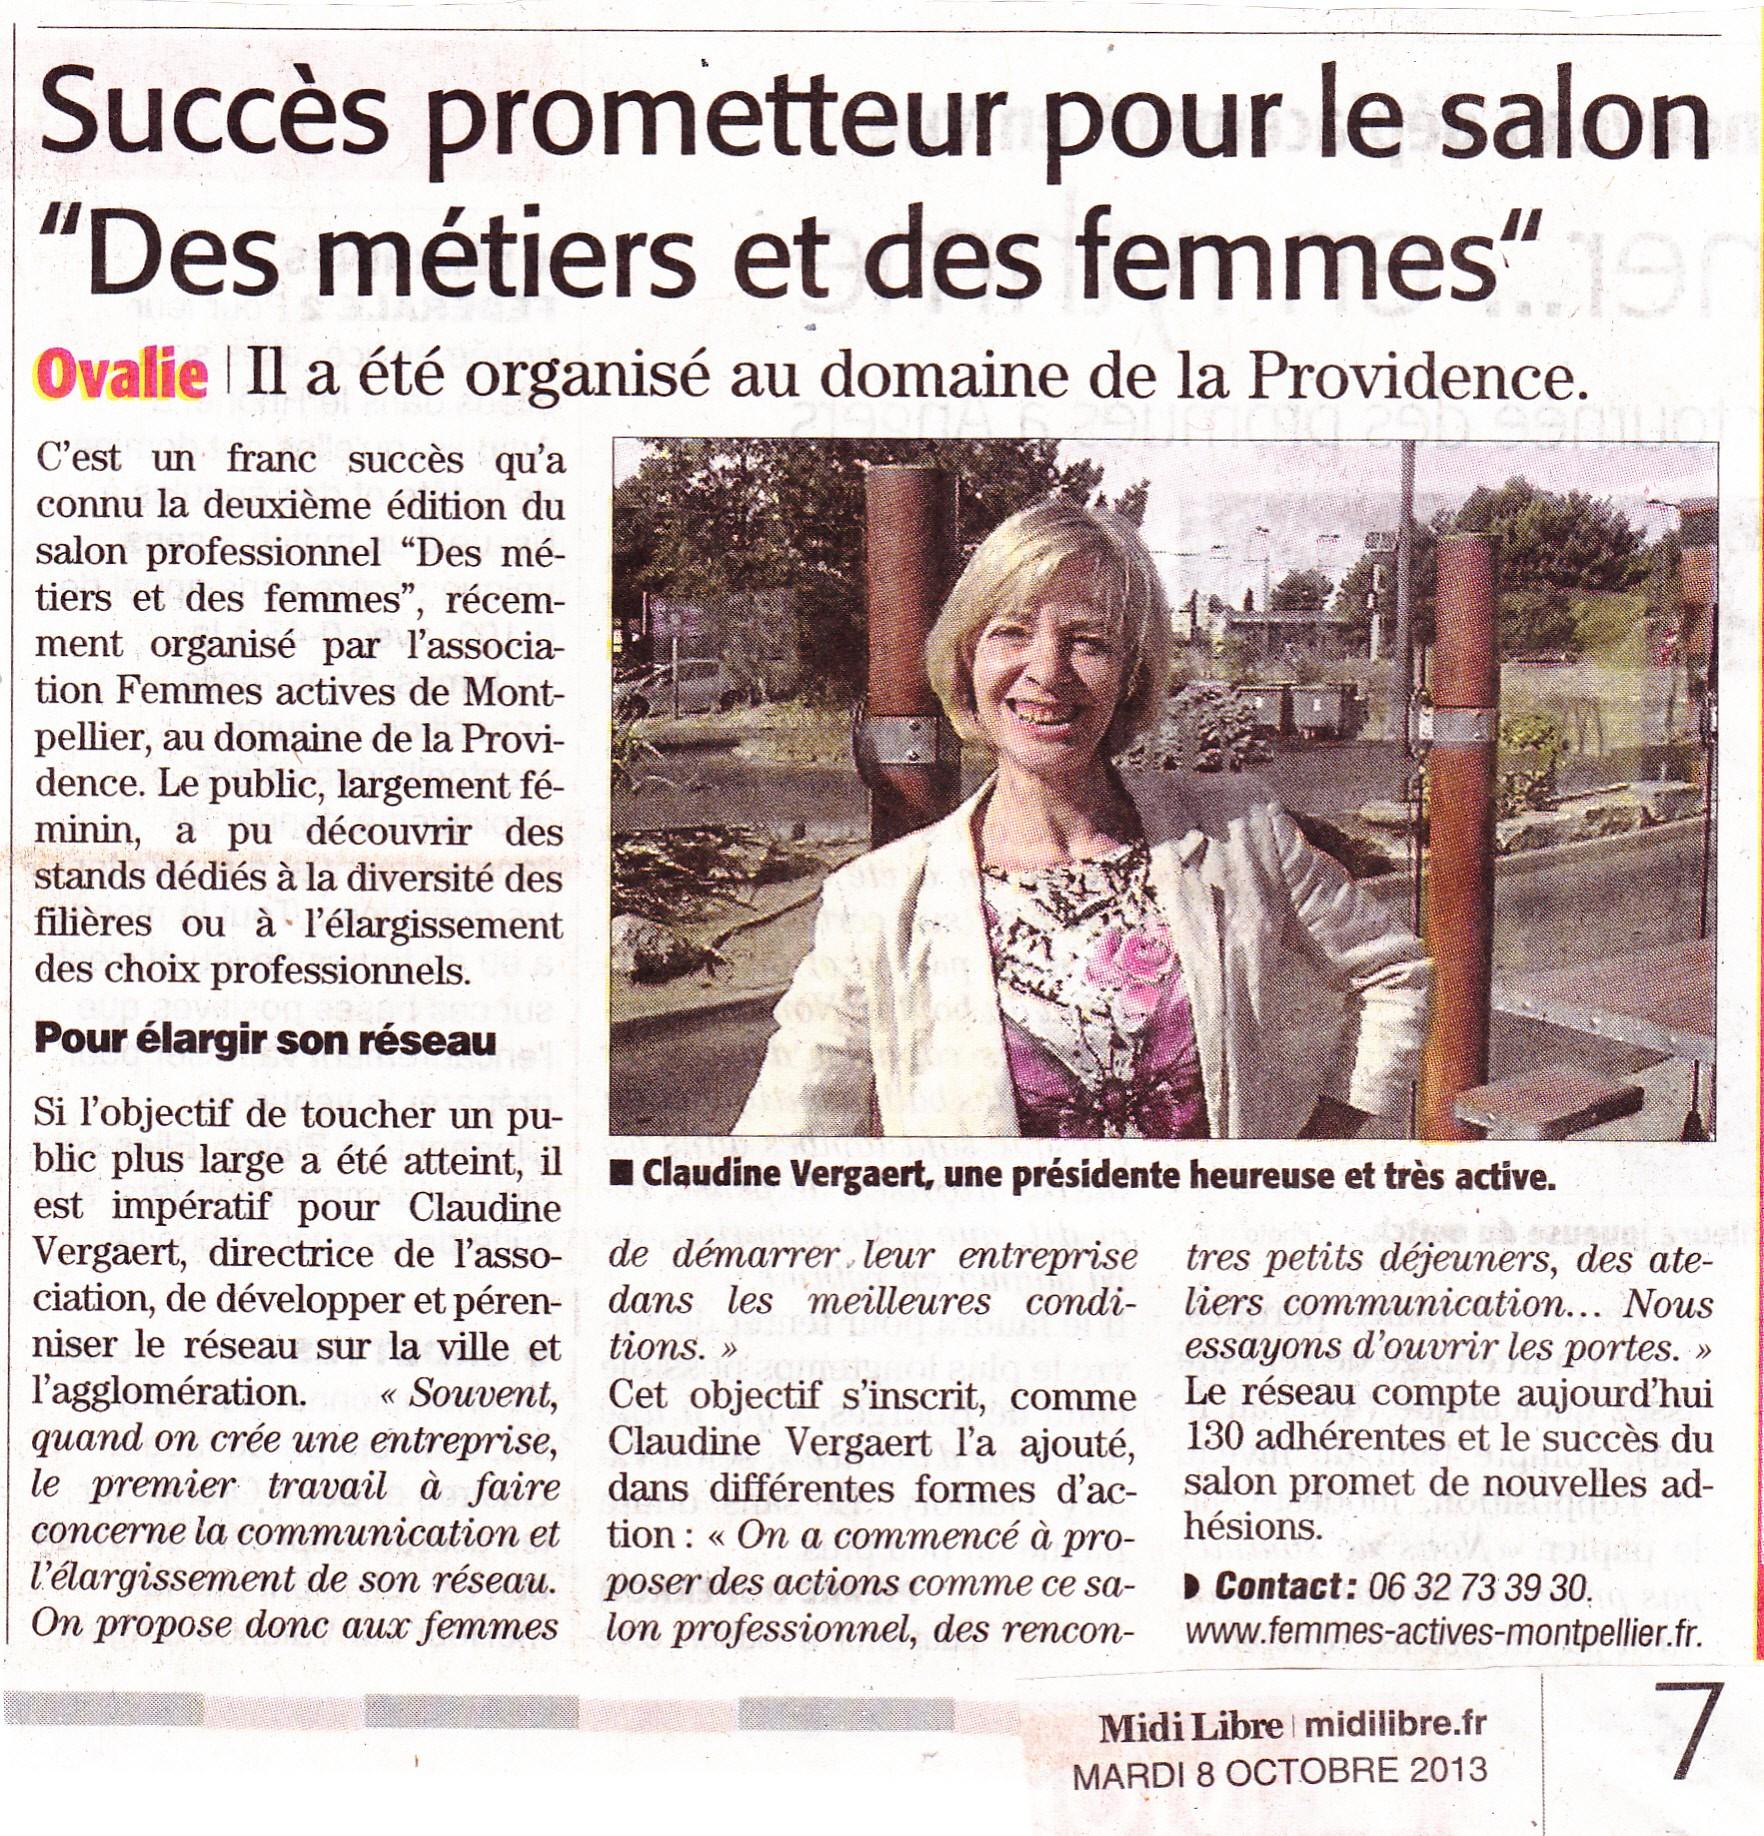 Midi Libre 8 octobre 2013 - salon professionnel Femmes Actives